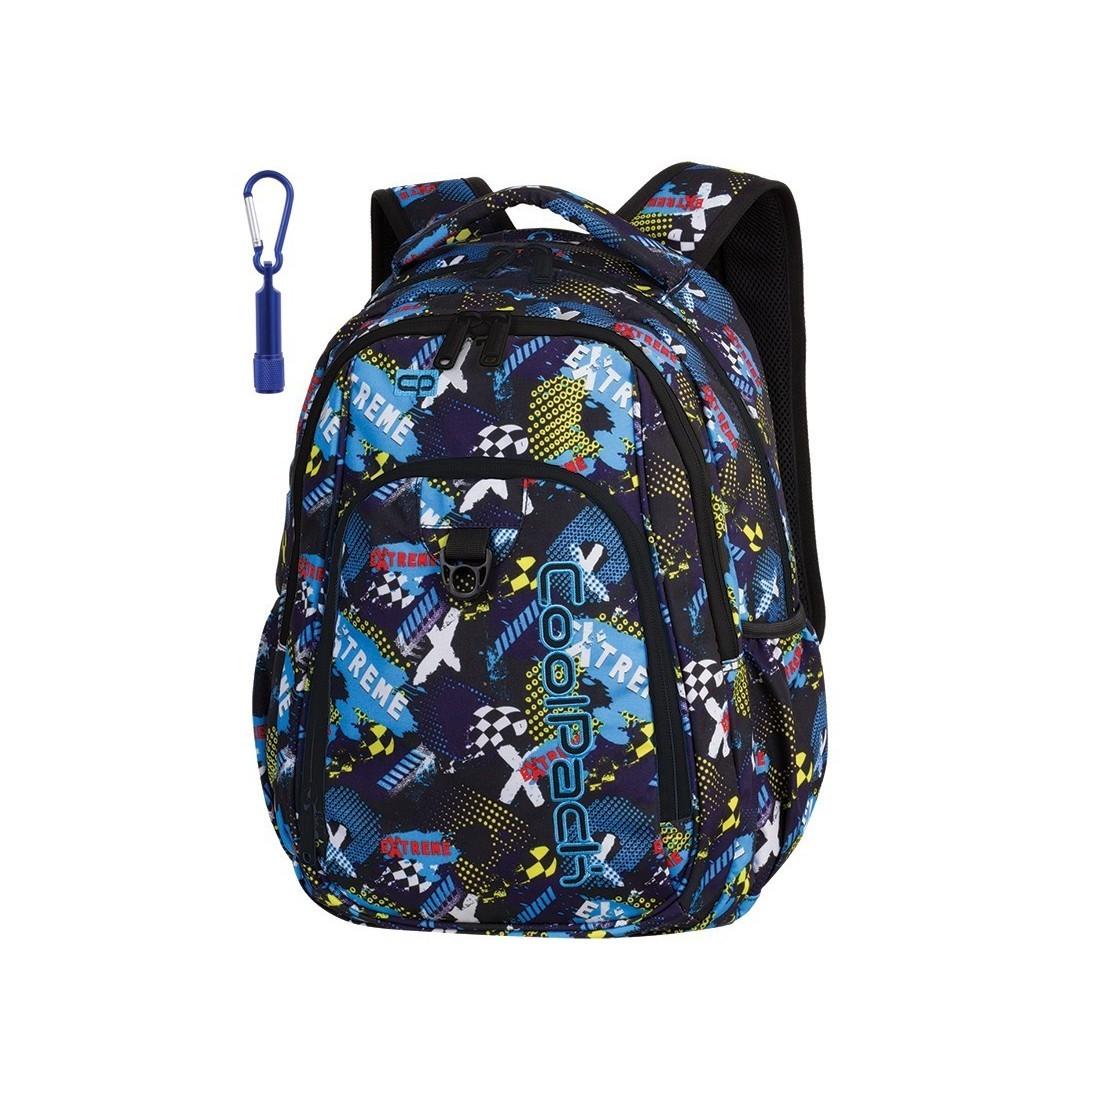 ccfbf189812aa Plecak szkolny CoolPack CP STRIKE EXTREME wyścigi dla ucznia - A278 + GRATIS  POMPON